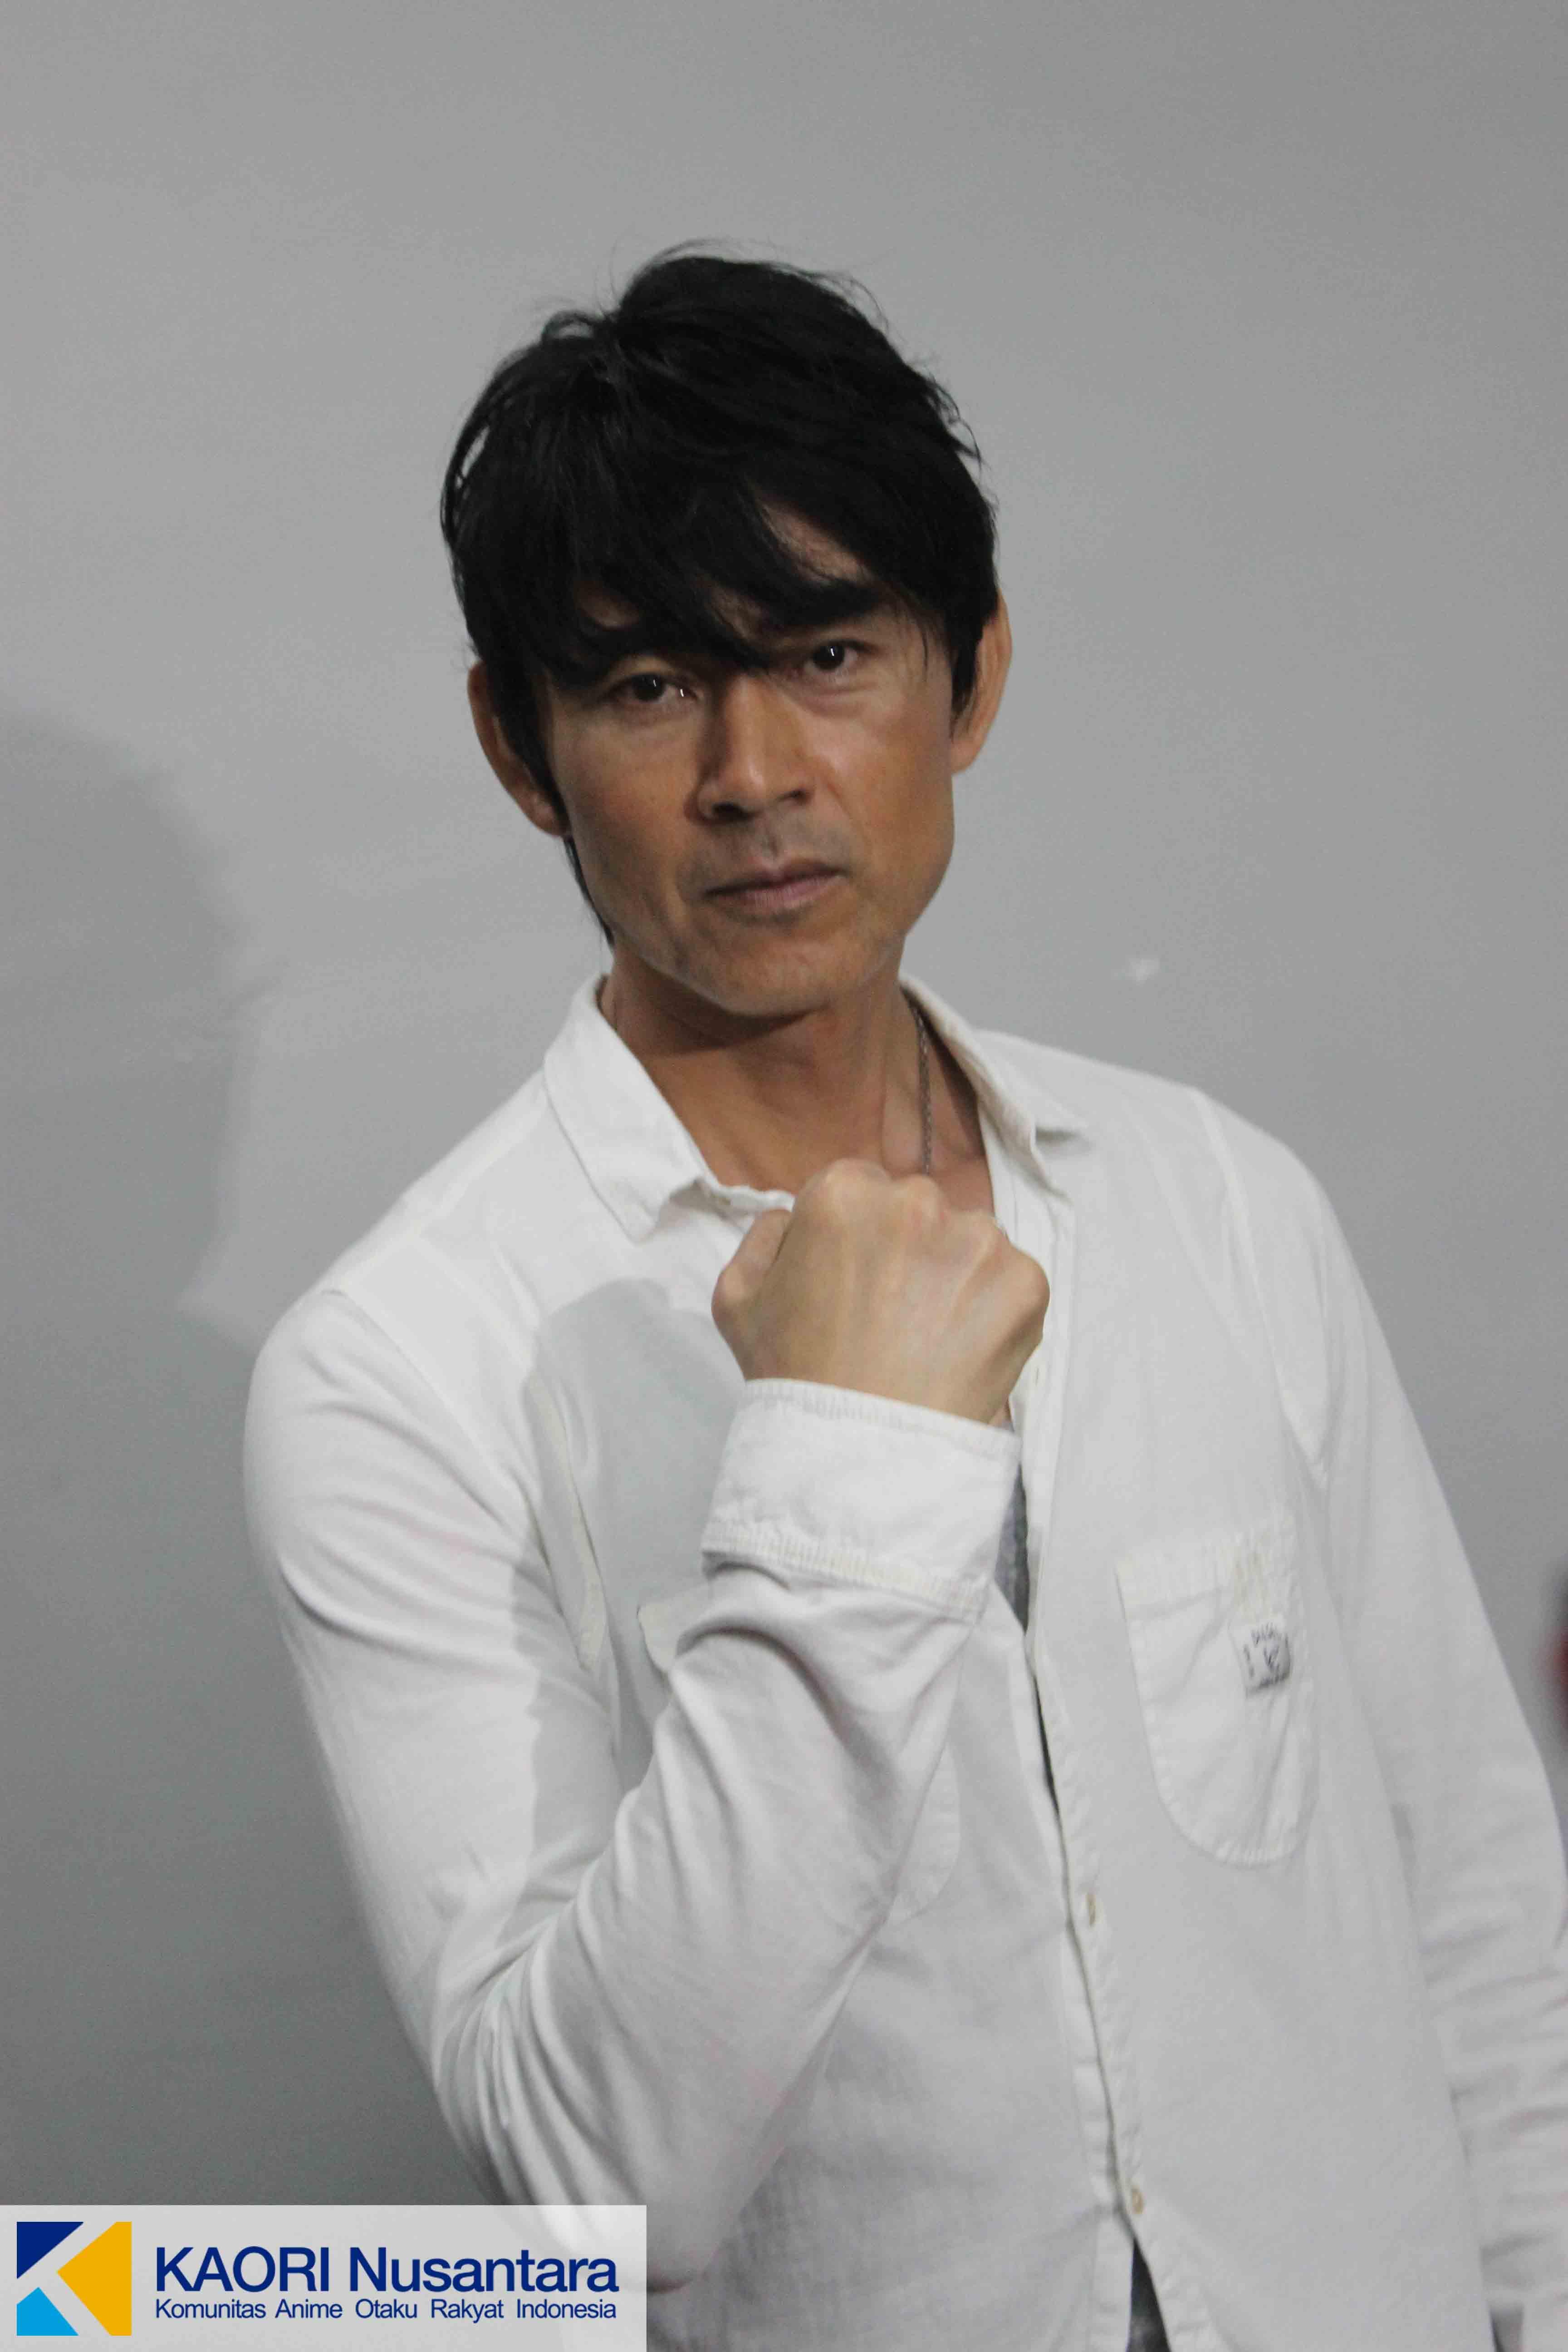 Peran Tetsuo Kurata Dalam Bima-X Terungkap - KAORI Nusantara